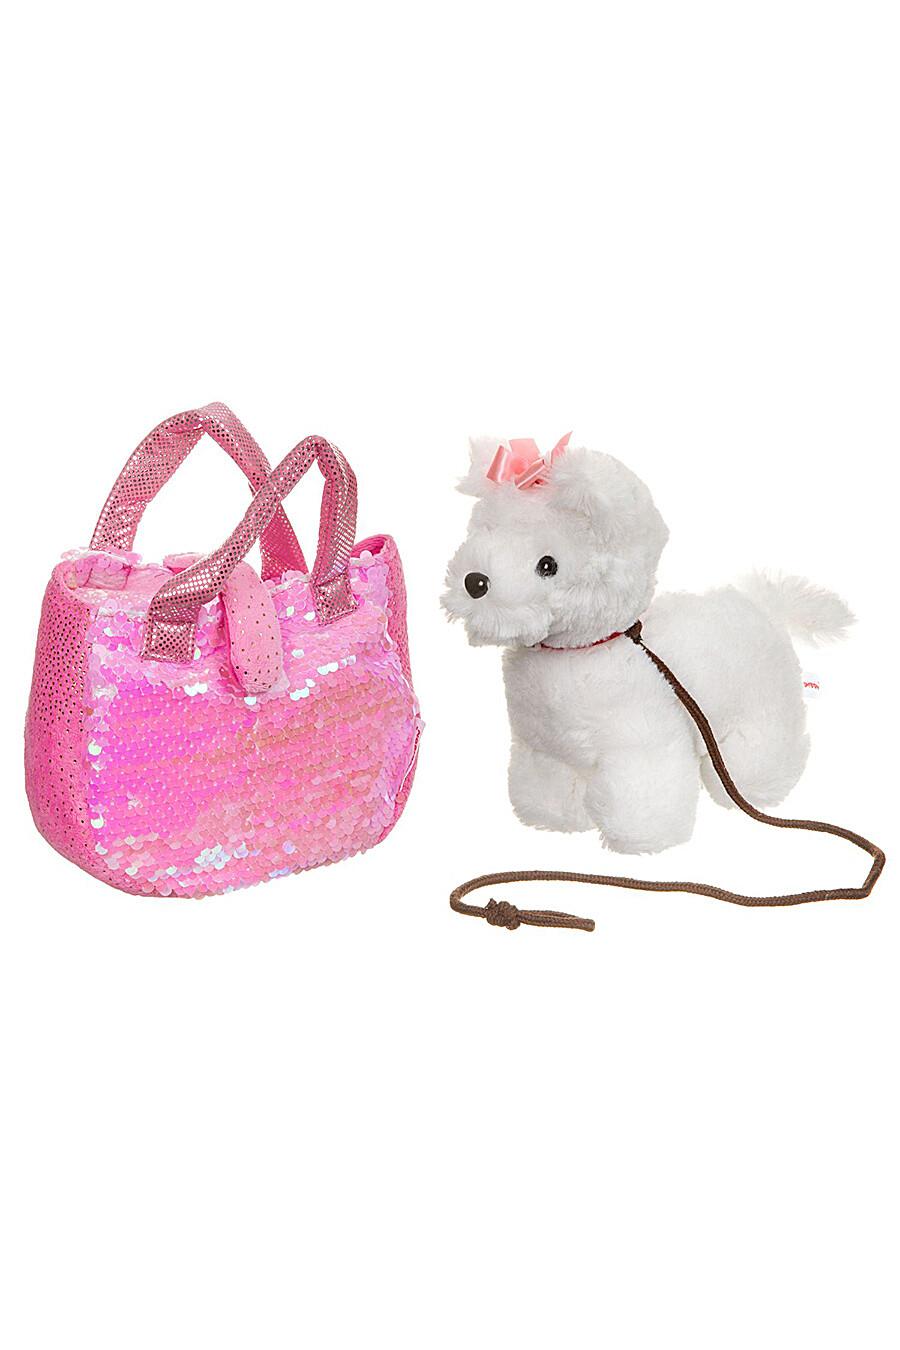 Набор игрушек для детей BONDIBON 157287 купить оптом от производителя. Совместная покупка игрушек в OptMoyo